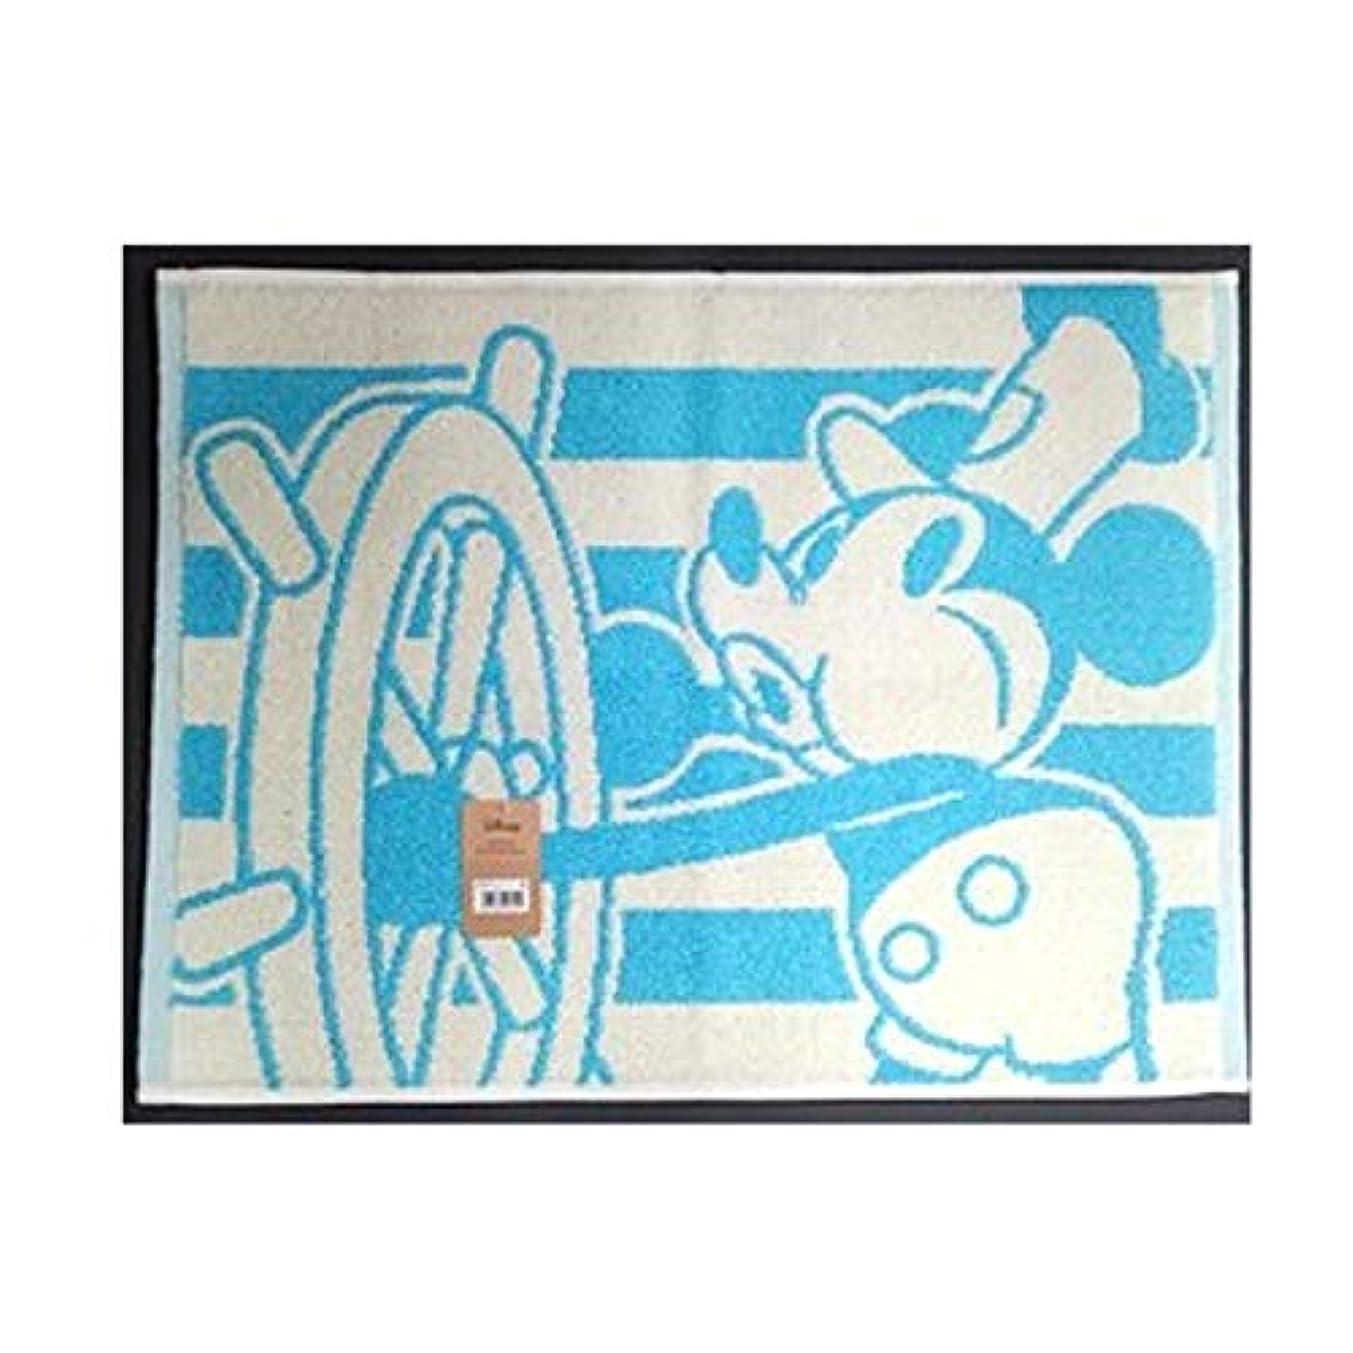 ぺディカブ肥満音楽家林(株) ディズニーミッキー バスマット アイラブミッキー [416204]